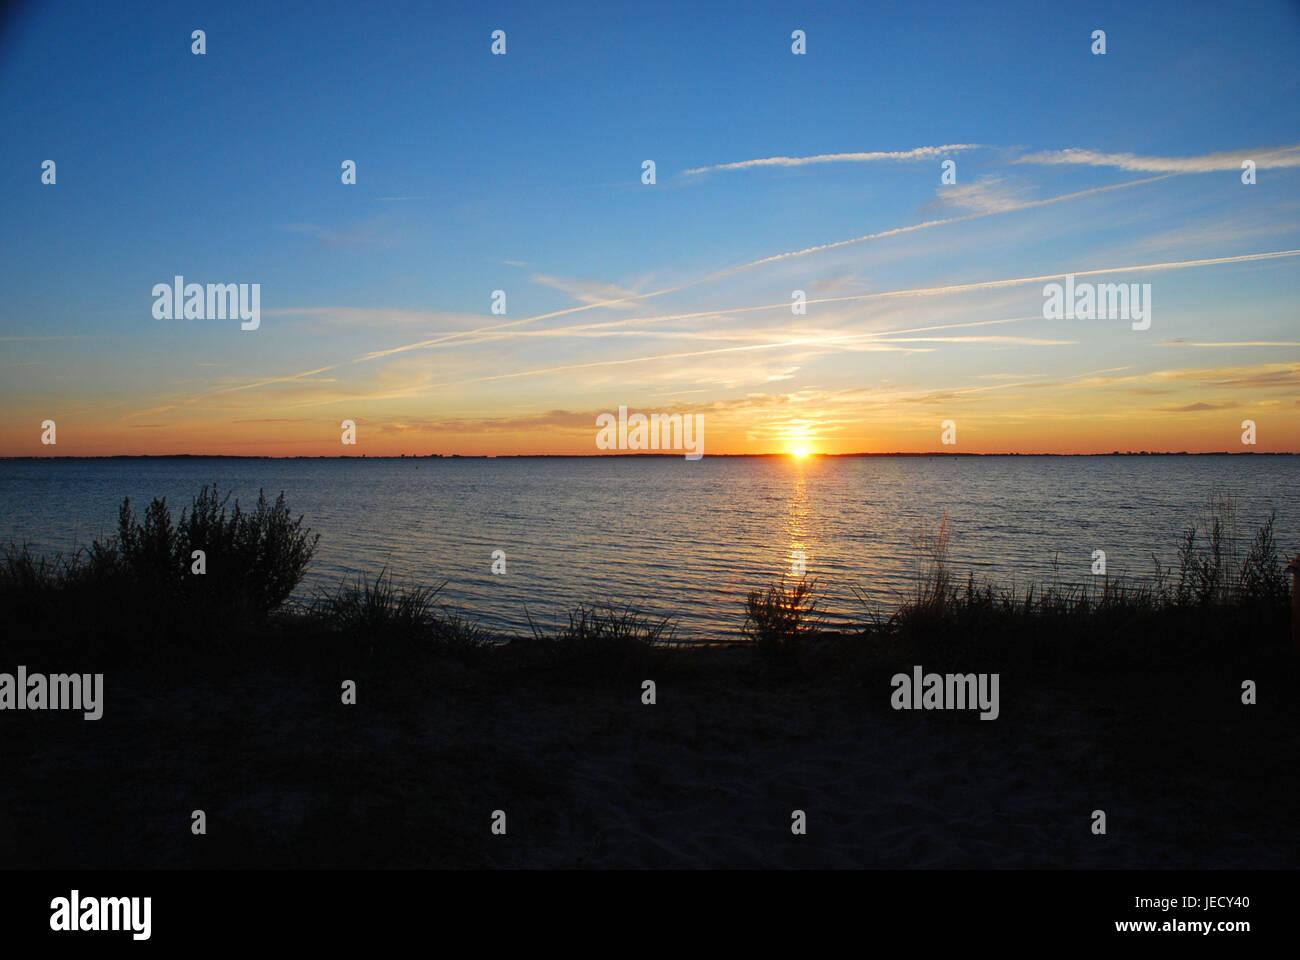 Die Ostsee, Sonnenuntergang, Norddeutschland, Deutschland, Ostsee, Meer, See, Gewässer, die Sonne, Überlegung, Stockbild